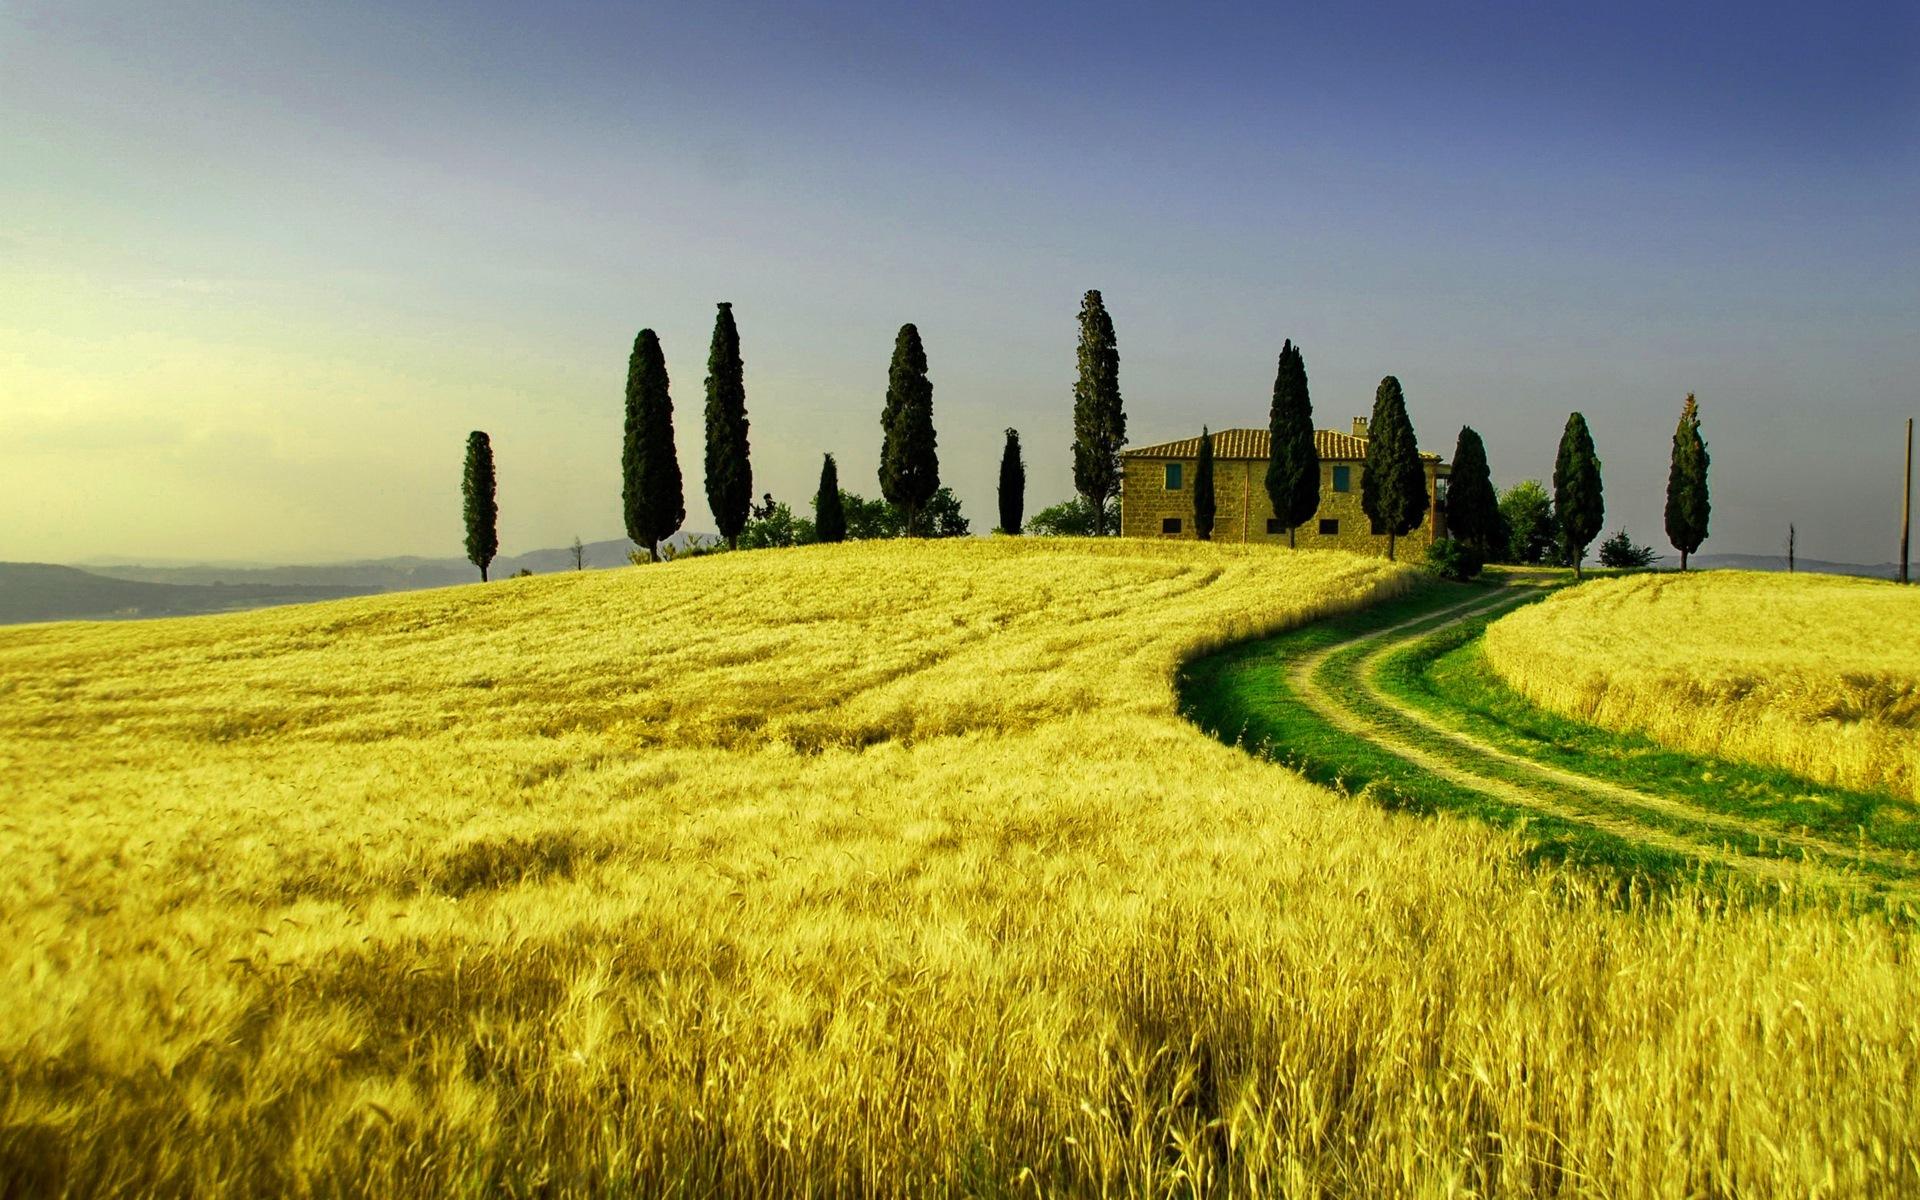 12432 скачать обои Пейзаж, Поля, Пшеница - заставки и картинки бесплатно